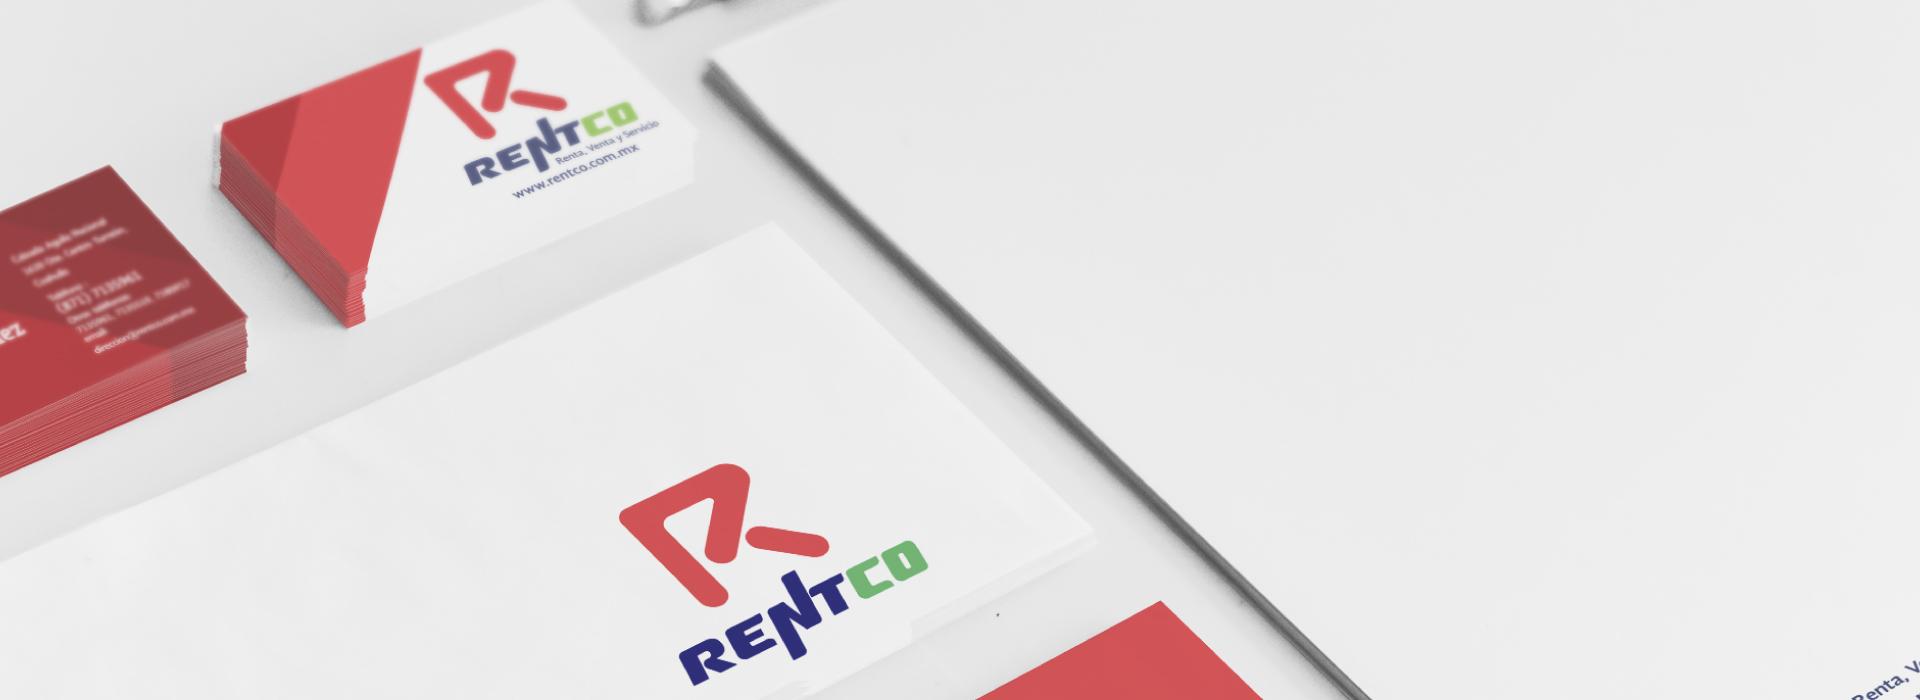 rentco2